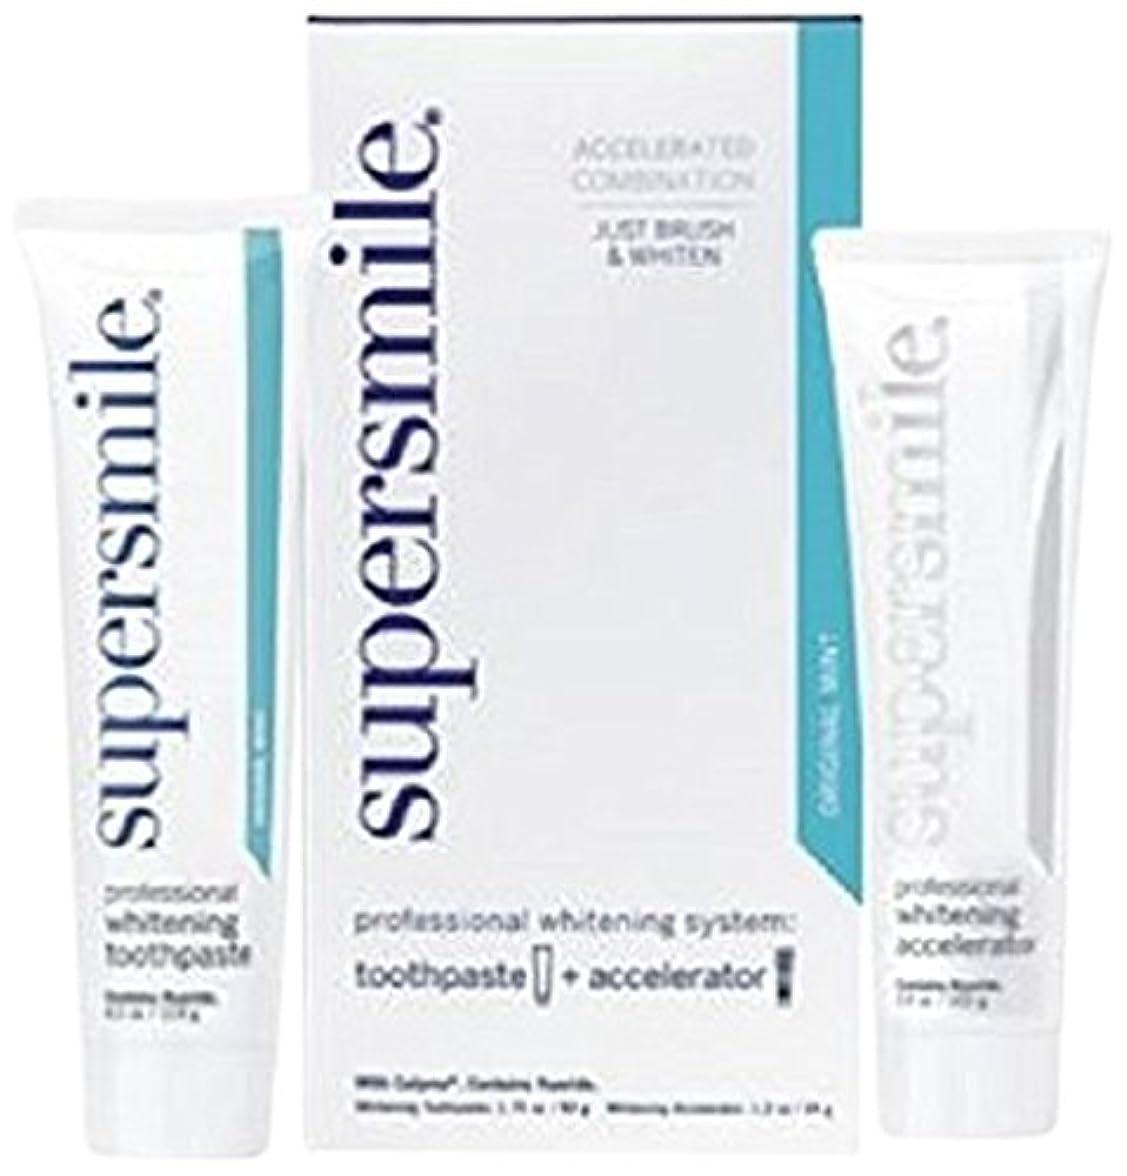 コンパイルガジュマル生き返らせるSupersmile Professional Whitening System: Toothpaste 50g/1.75oz + Accelerator 34g/1.2oz - 2pcs by SuperSmile